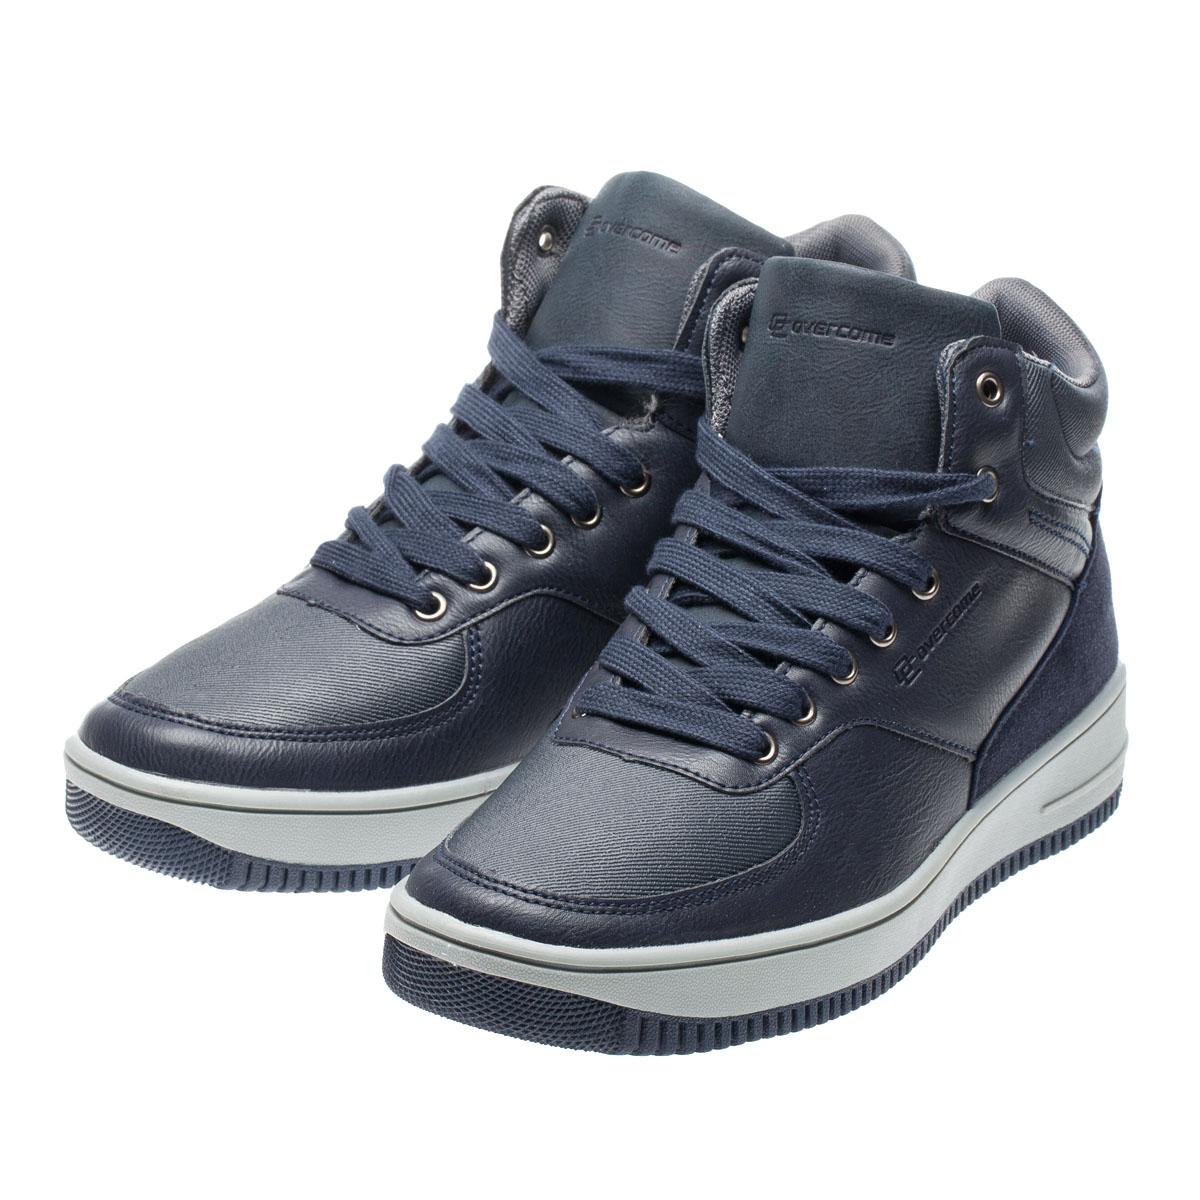 Ботинки демисезонные Overcome, LEV-207-1 демисезонные ботинки dior 2015 d995902